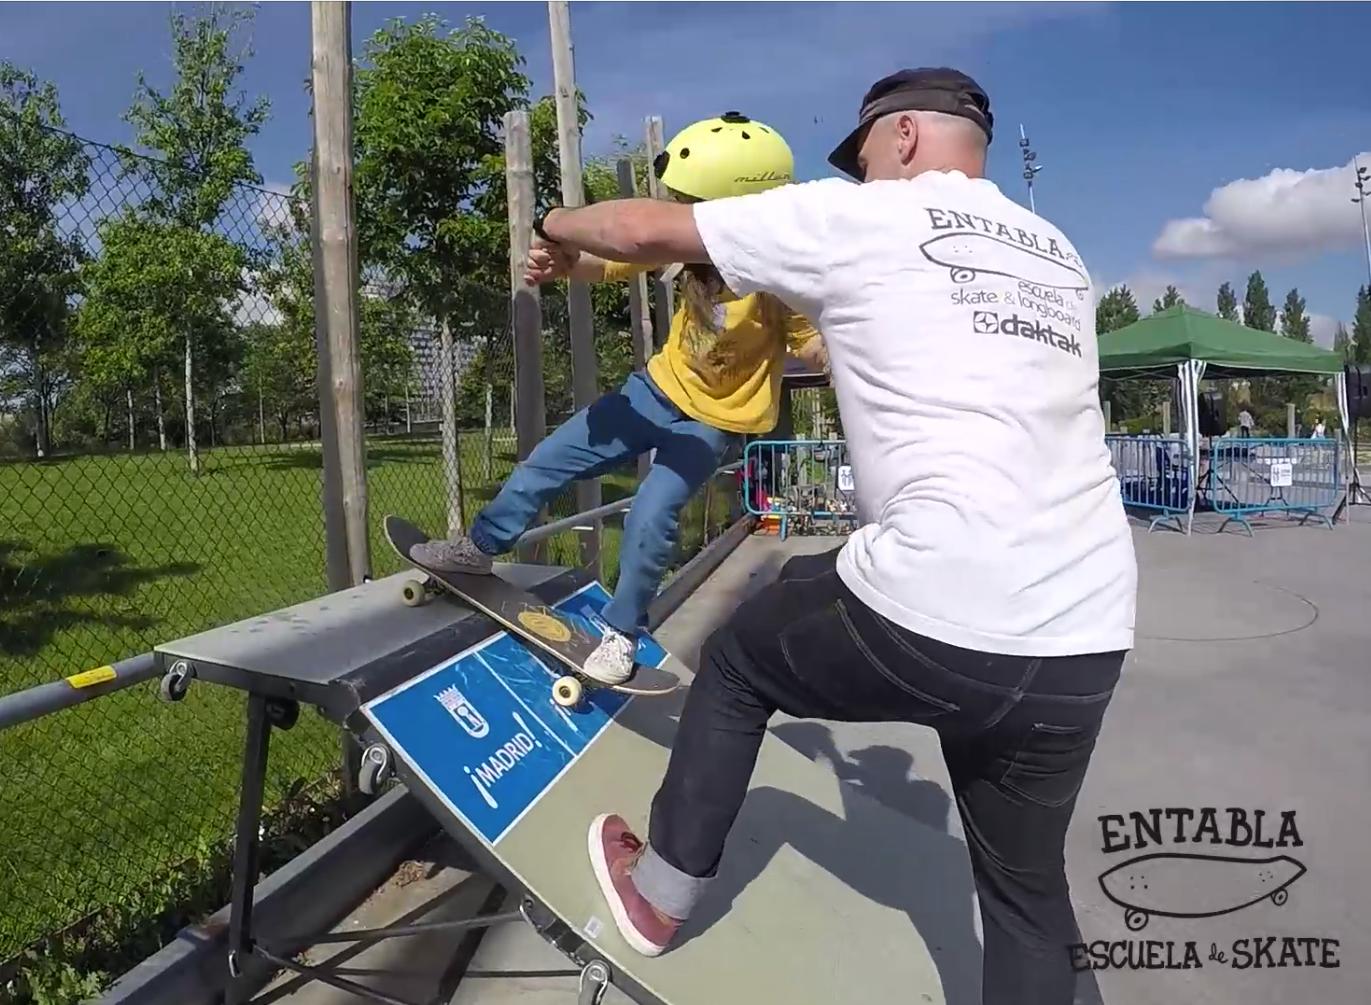 Taller Skate San Isidro